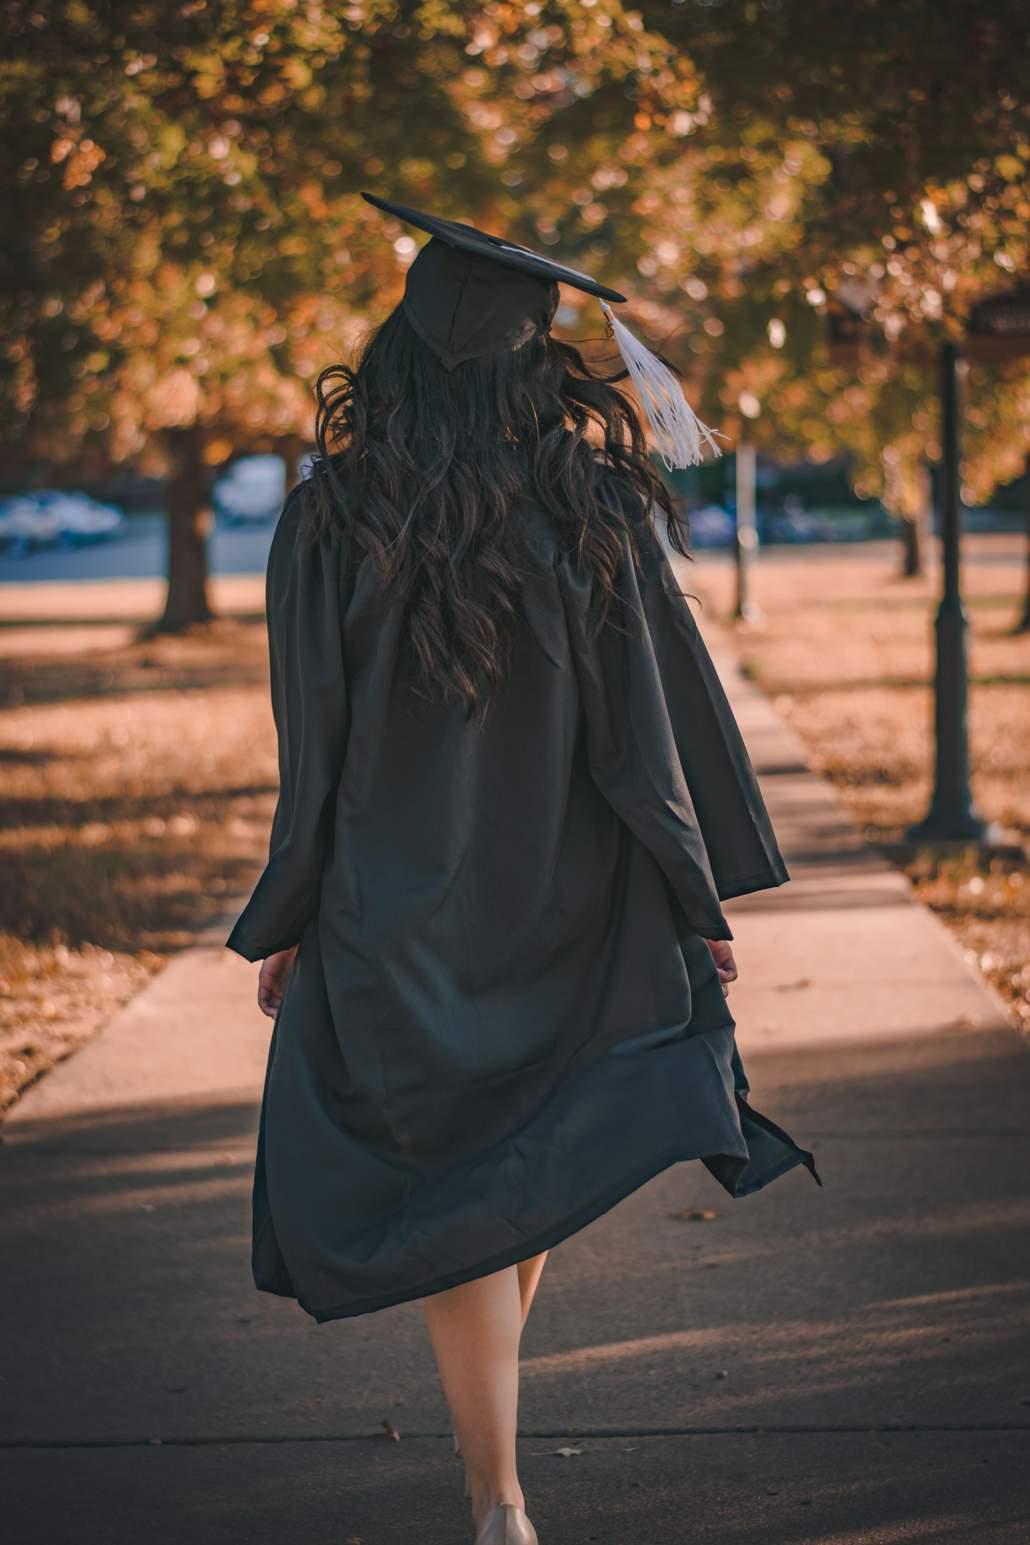 Absolventin an Diplomfeier - so wäre ich auch angezogen gewesen!